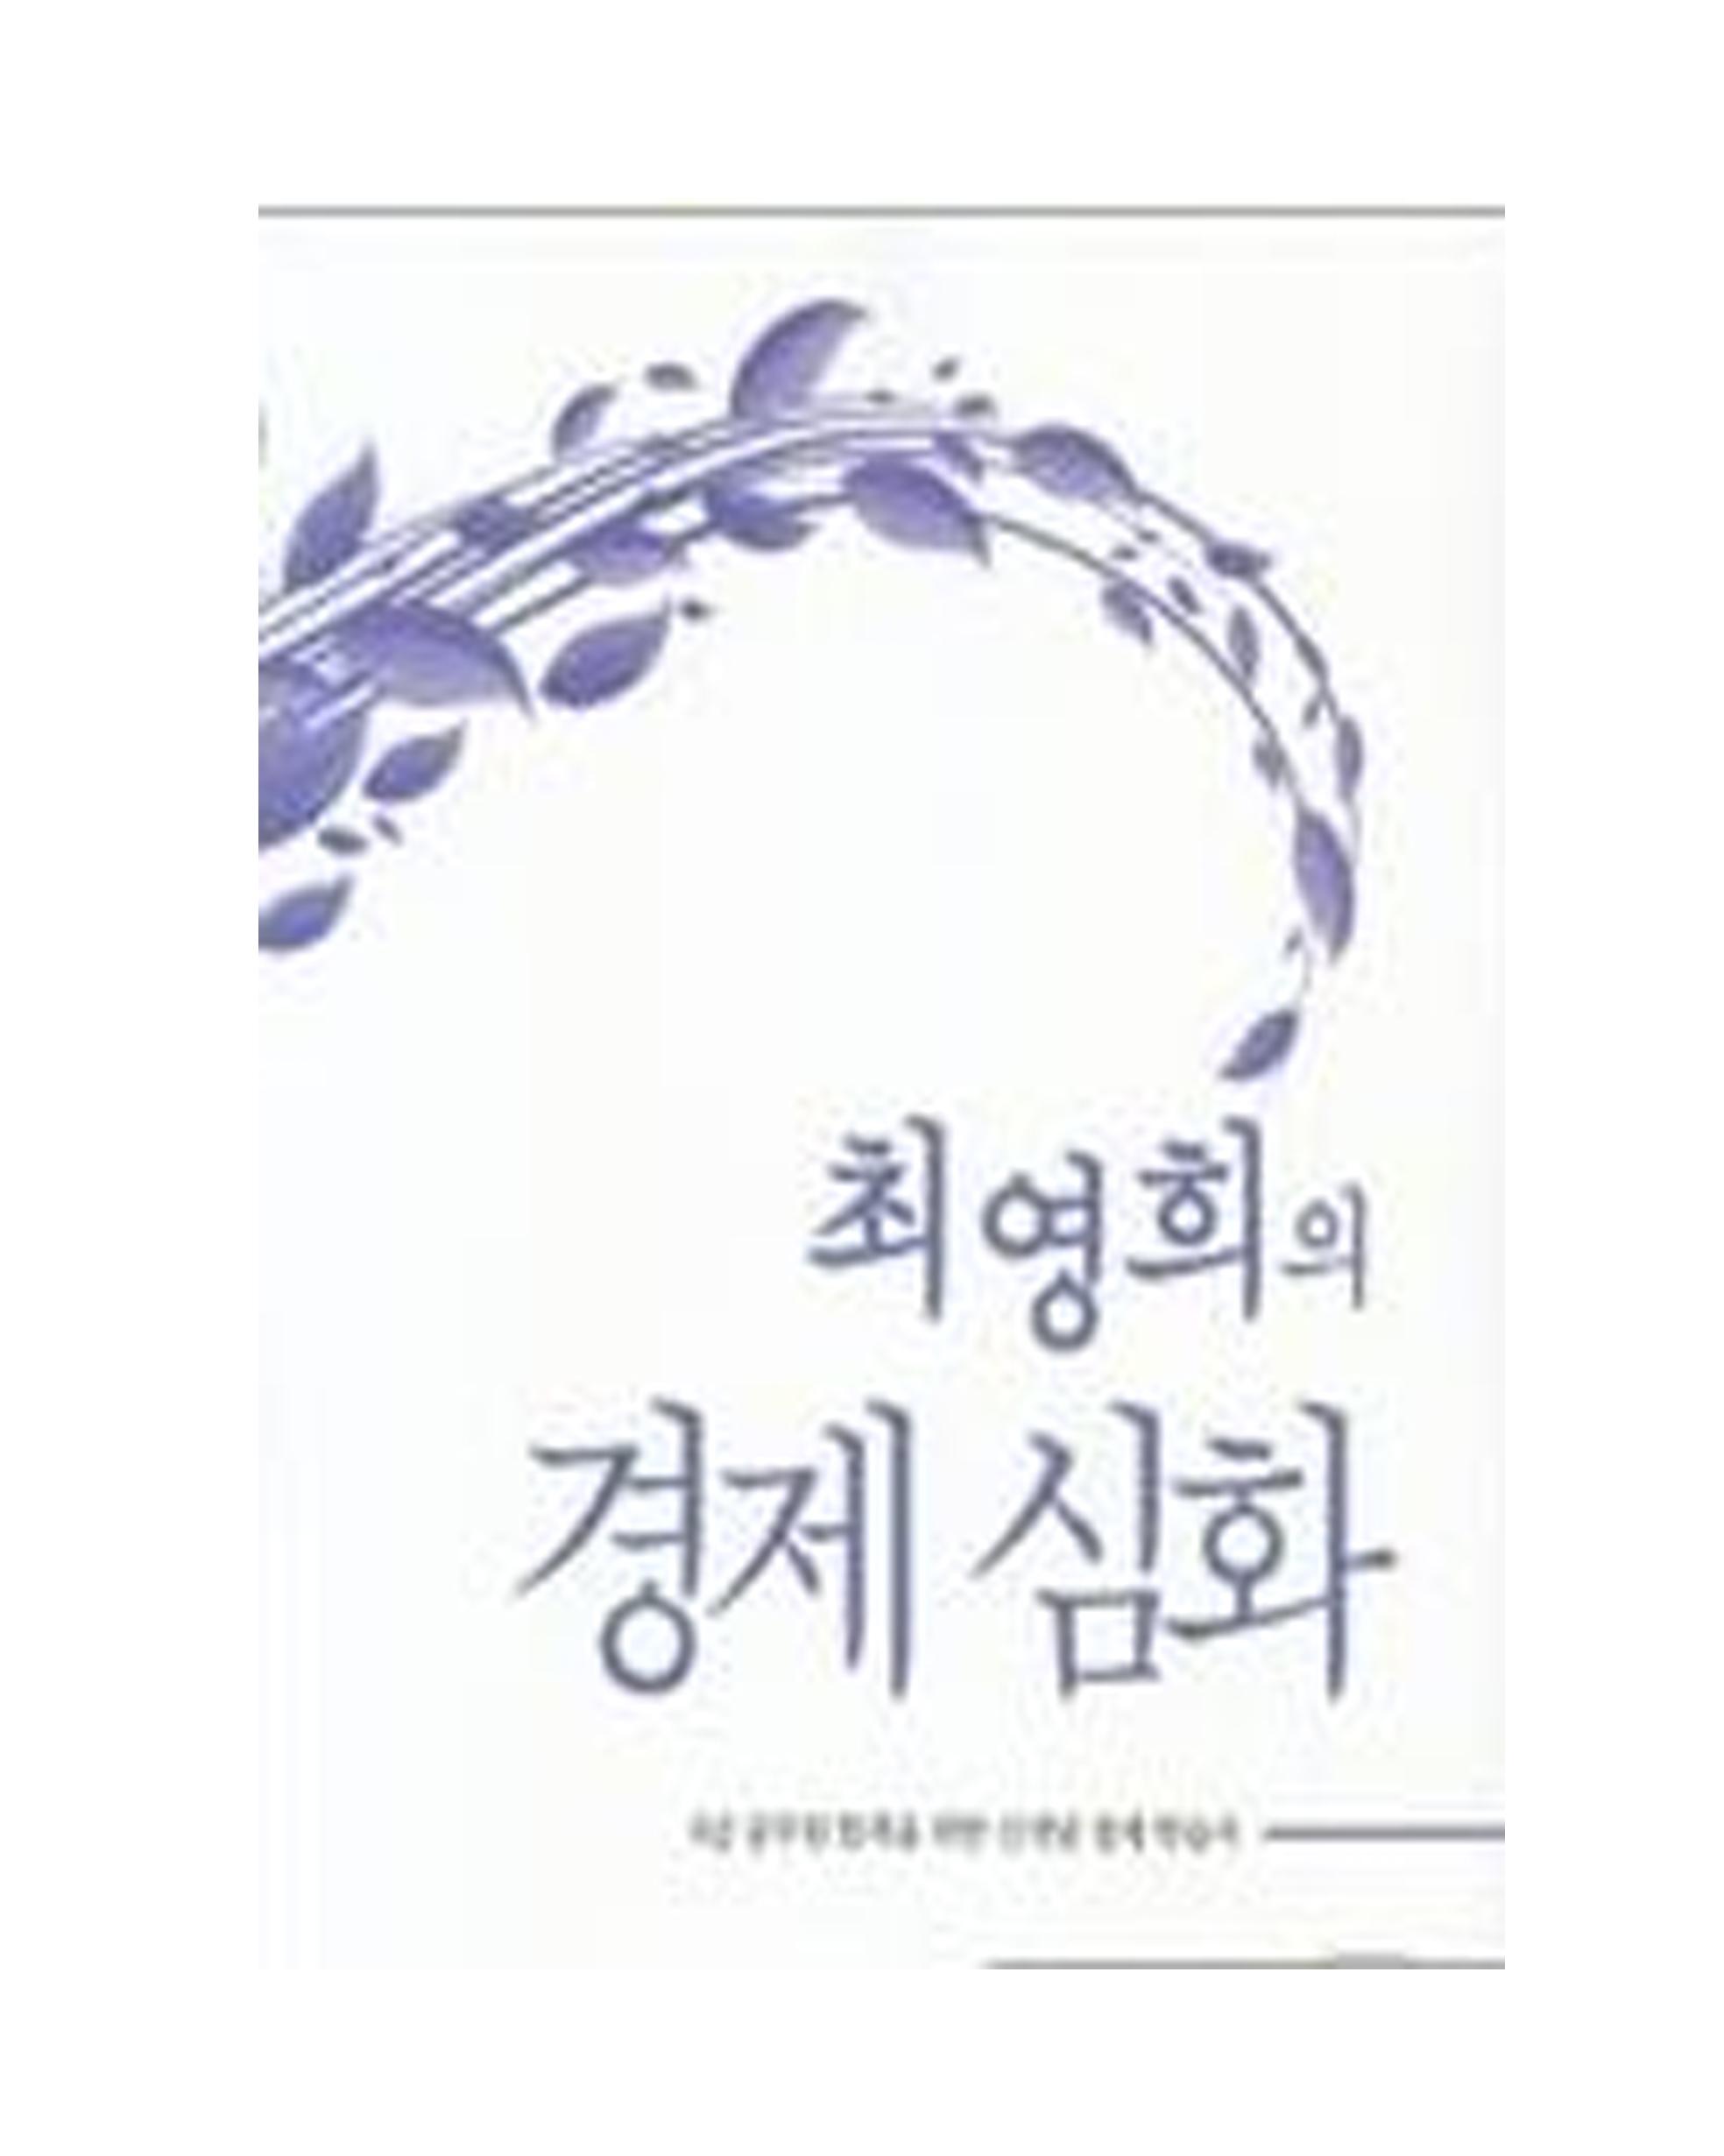 2015 최영희 사회 경제 심화